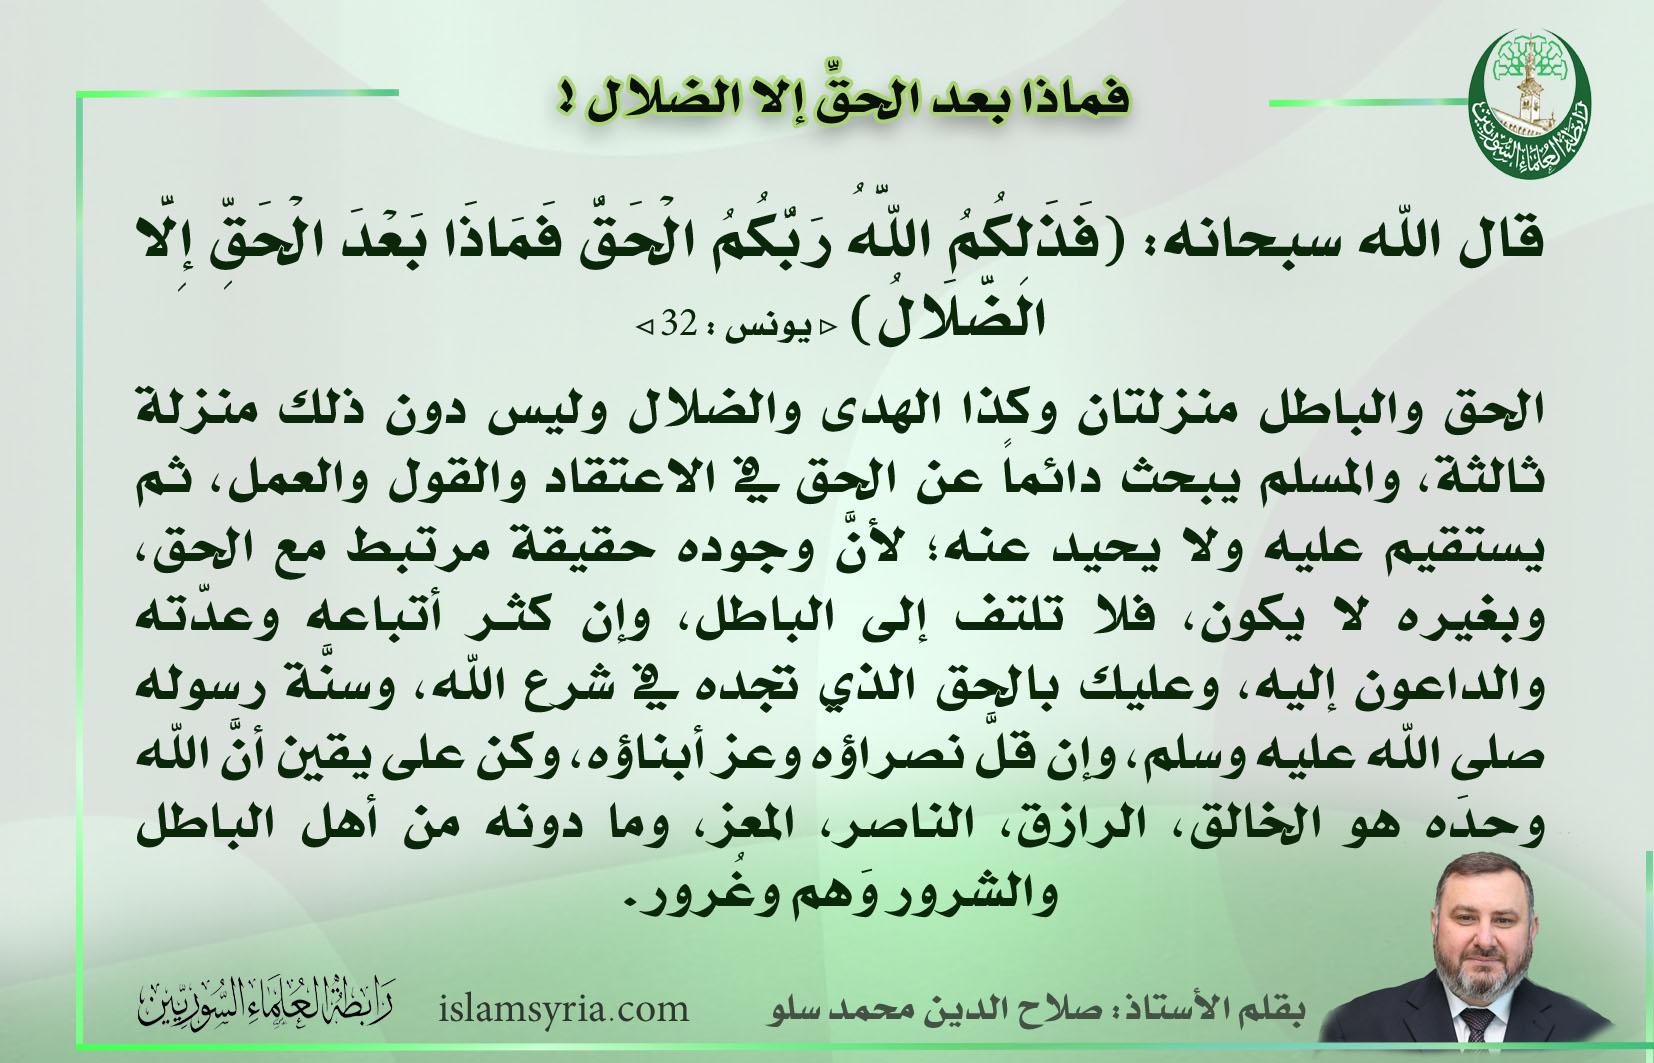 فماذا بعد الحق إلا الضلال||الأستاذ صلاح الدين سلو